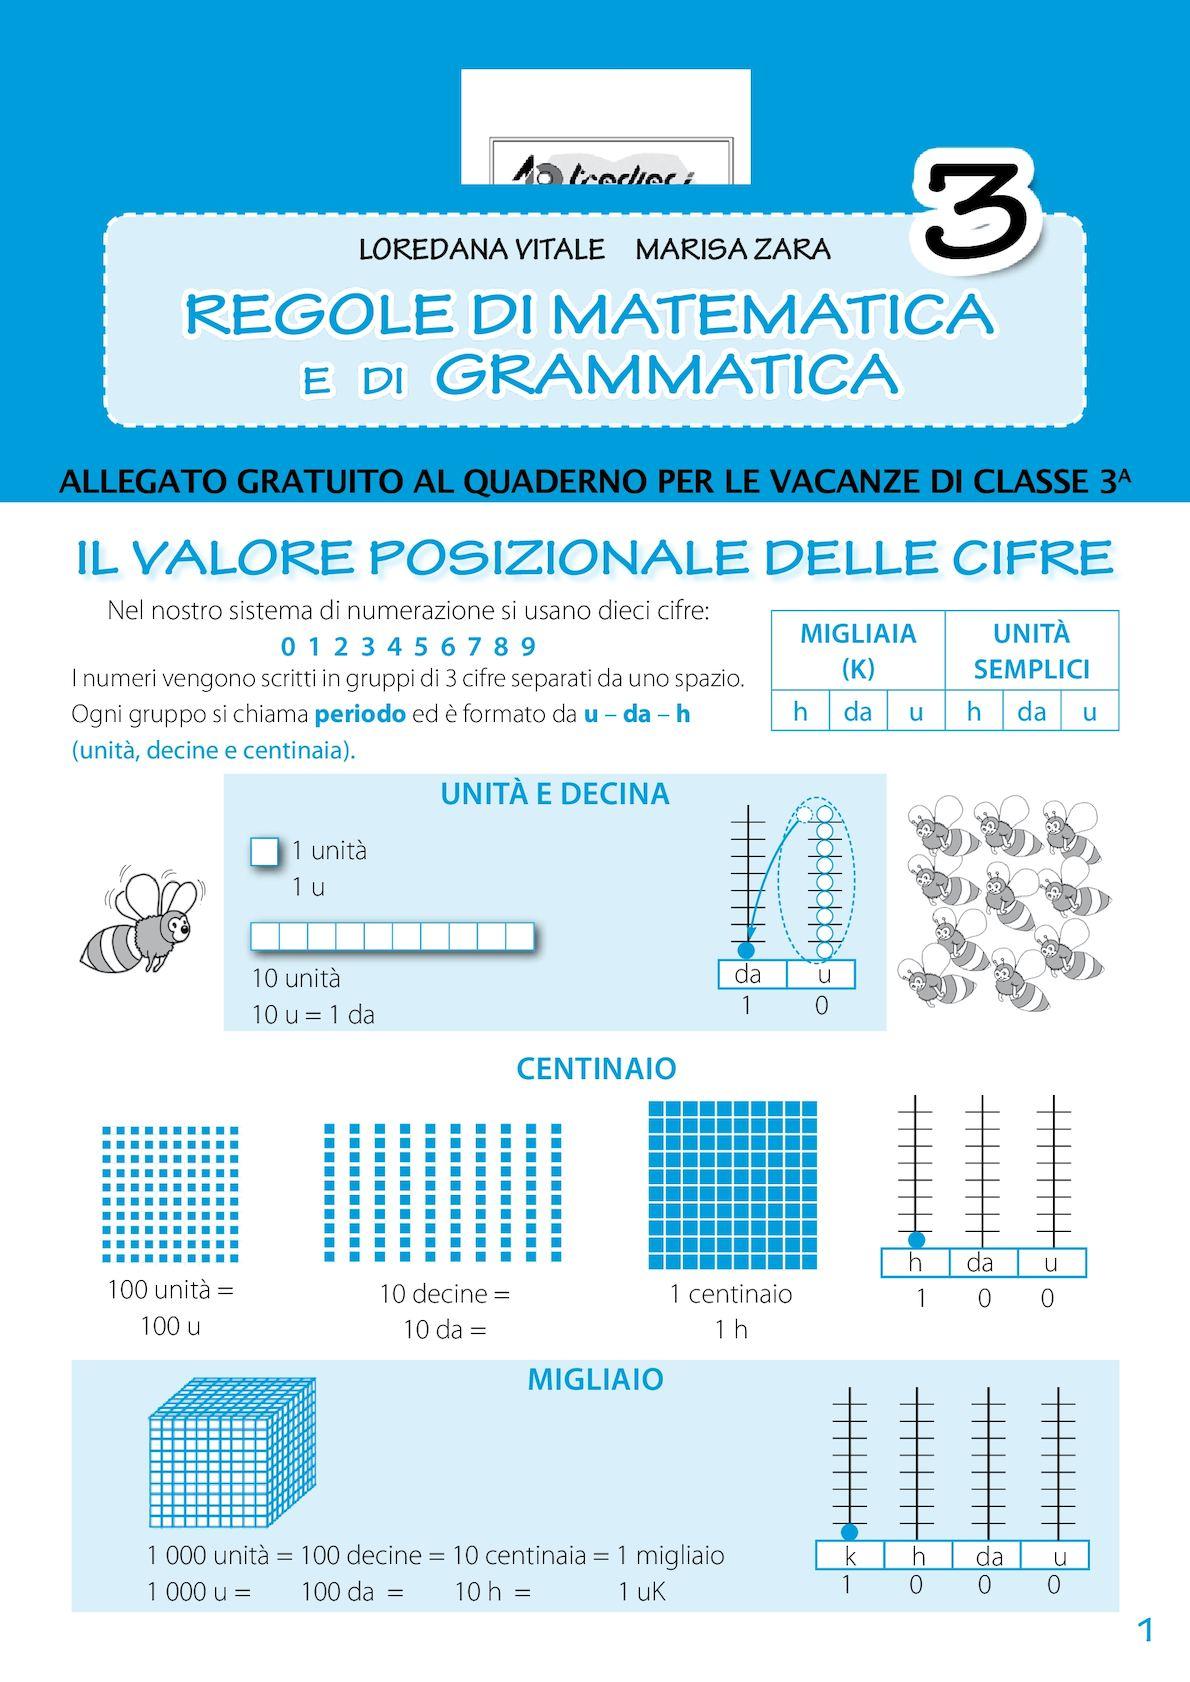 Regole di matematica e grammatica 3